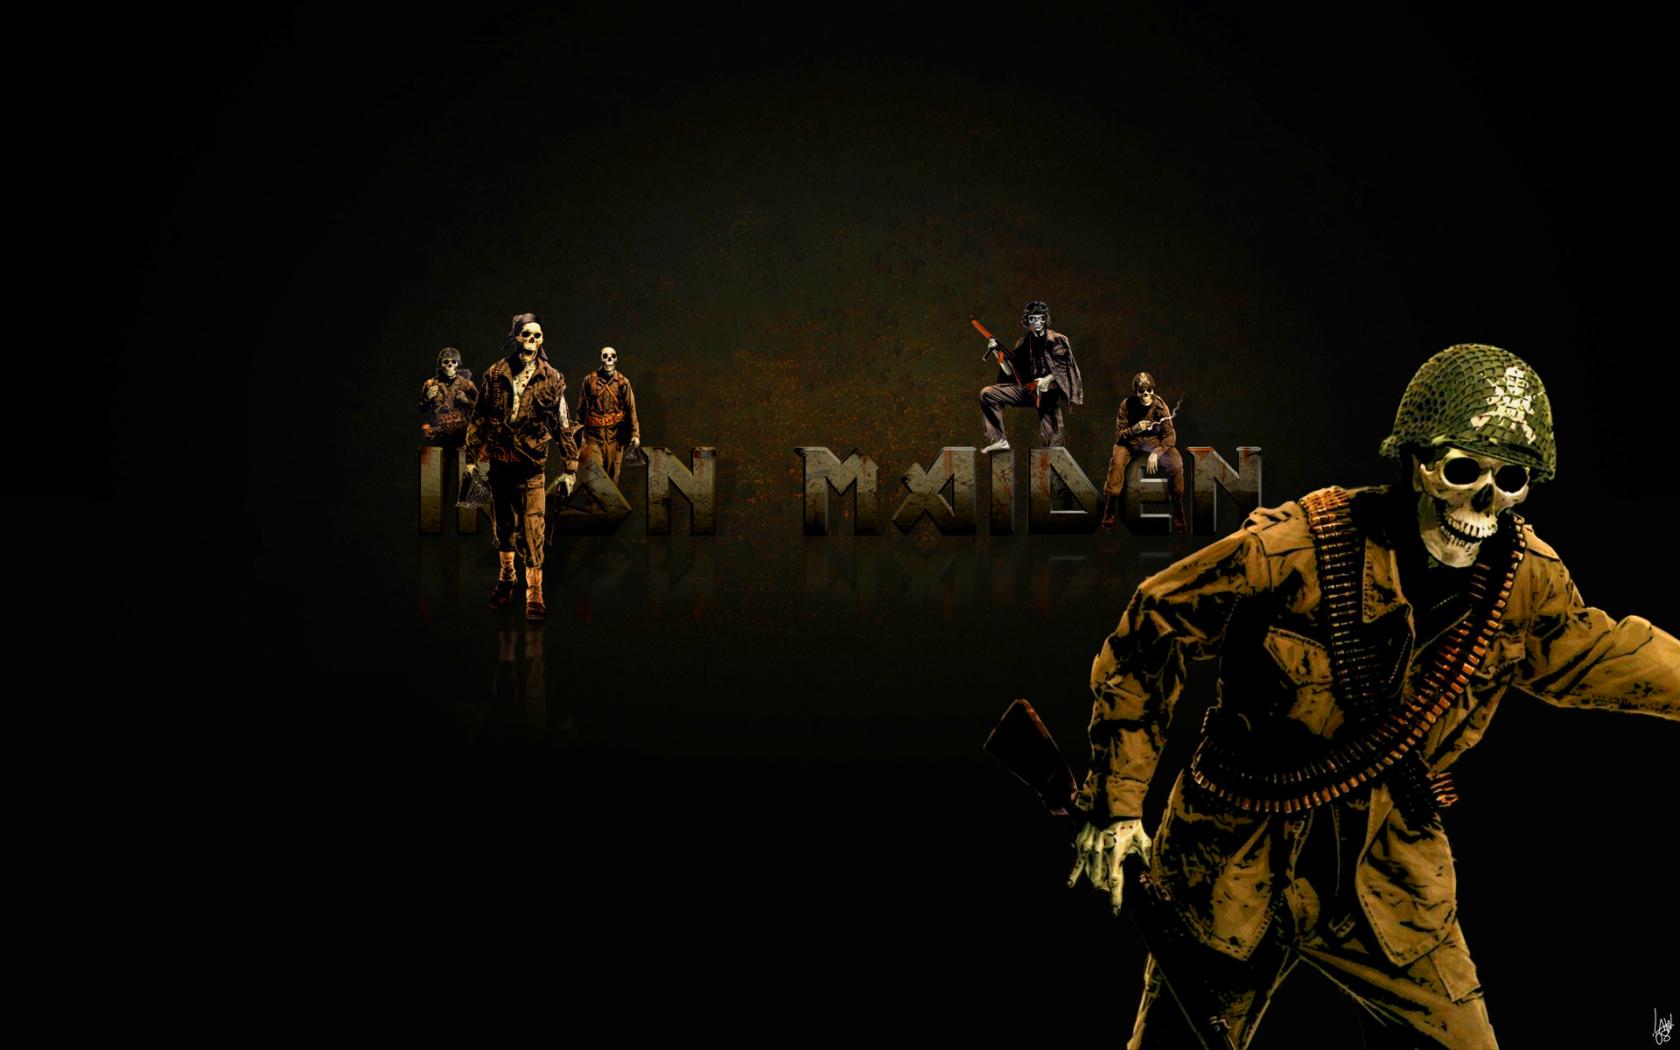 Iron Maiden Desktop Wallpaper: Iron Maiden Desktop Wallpaper